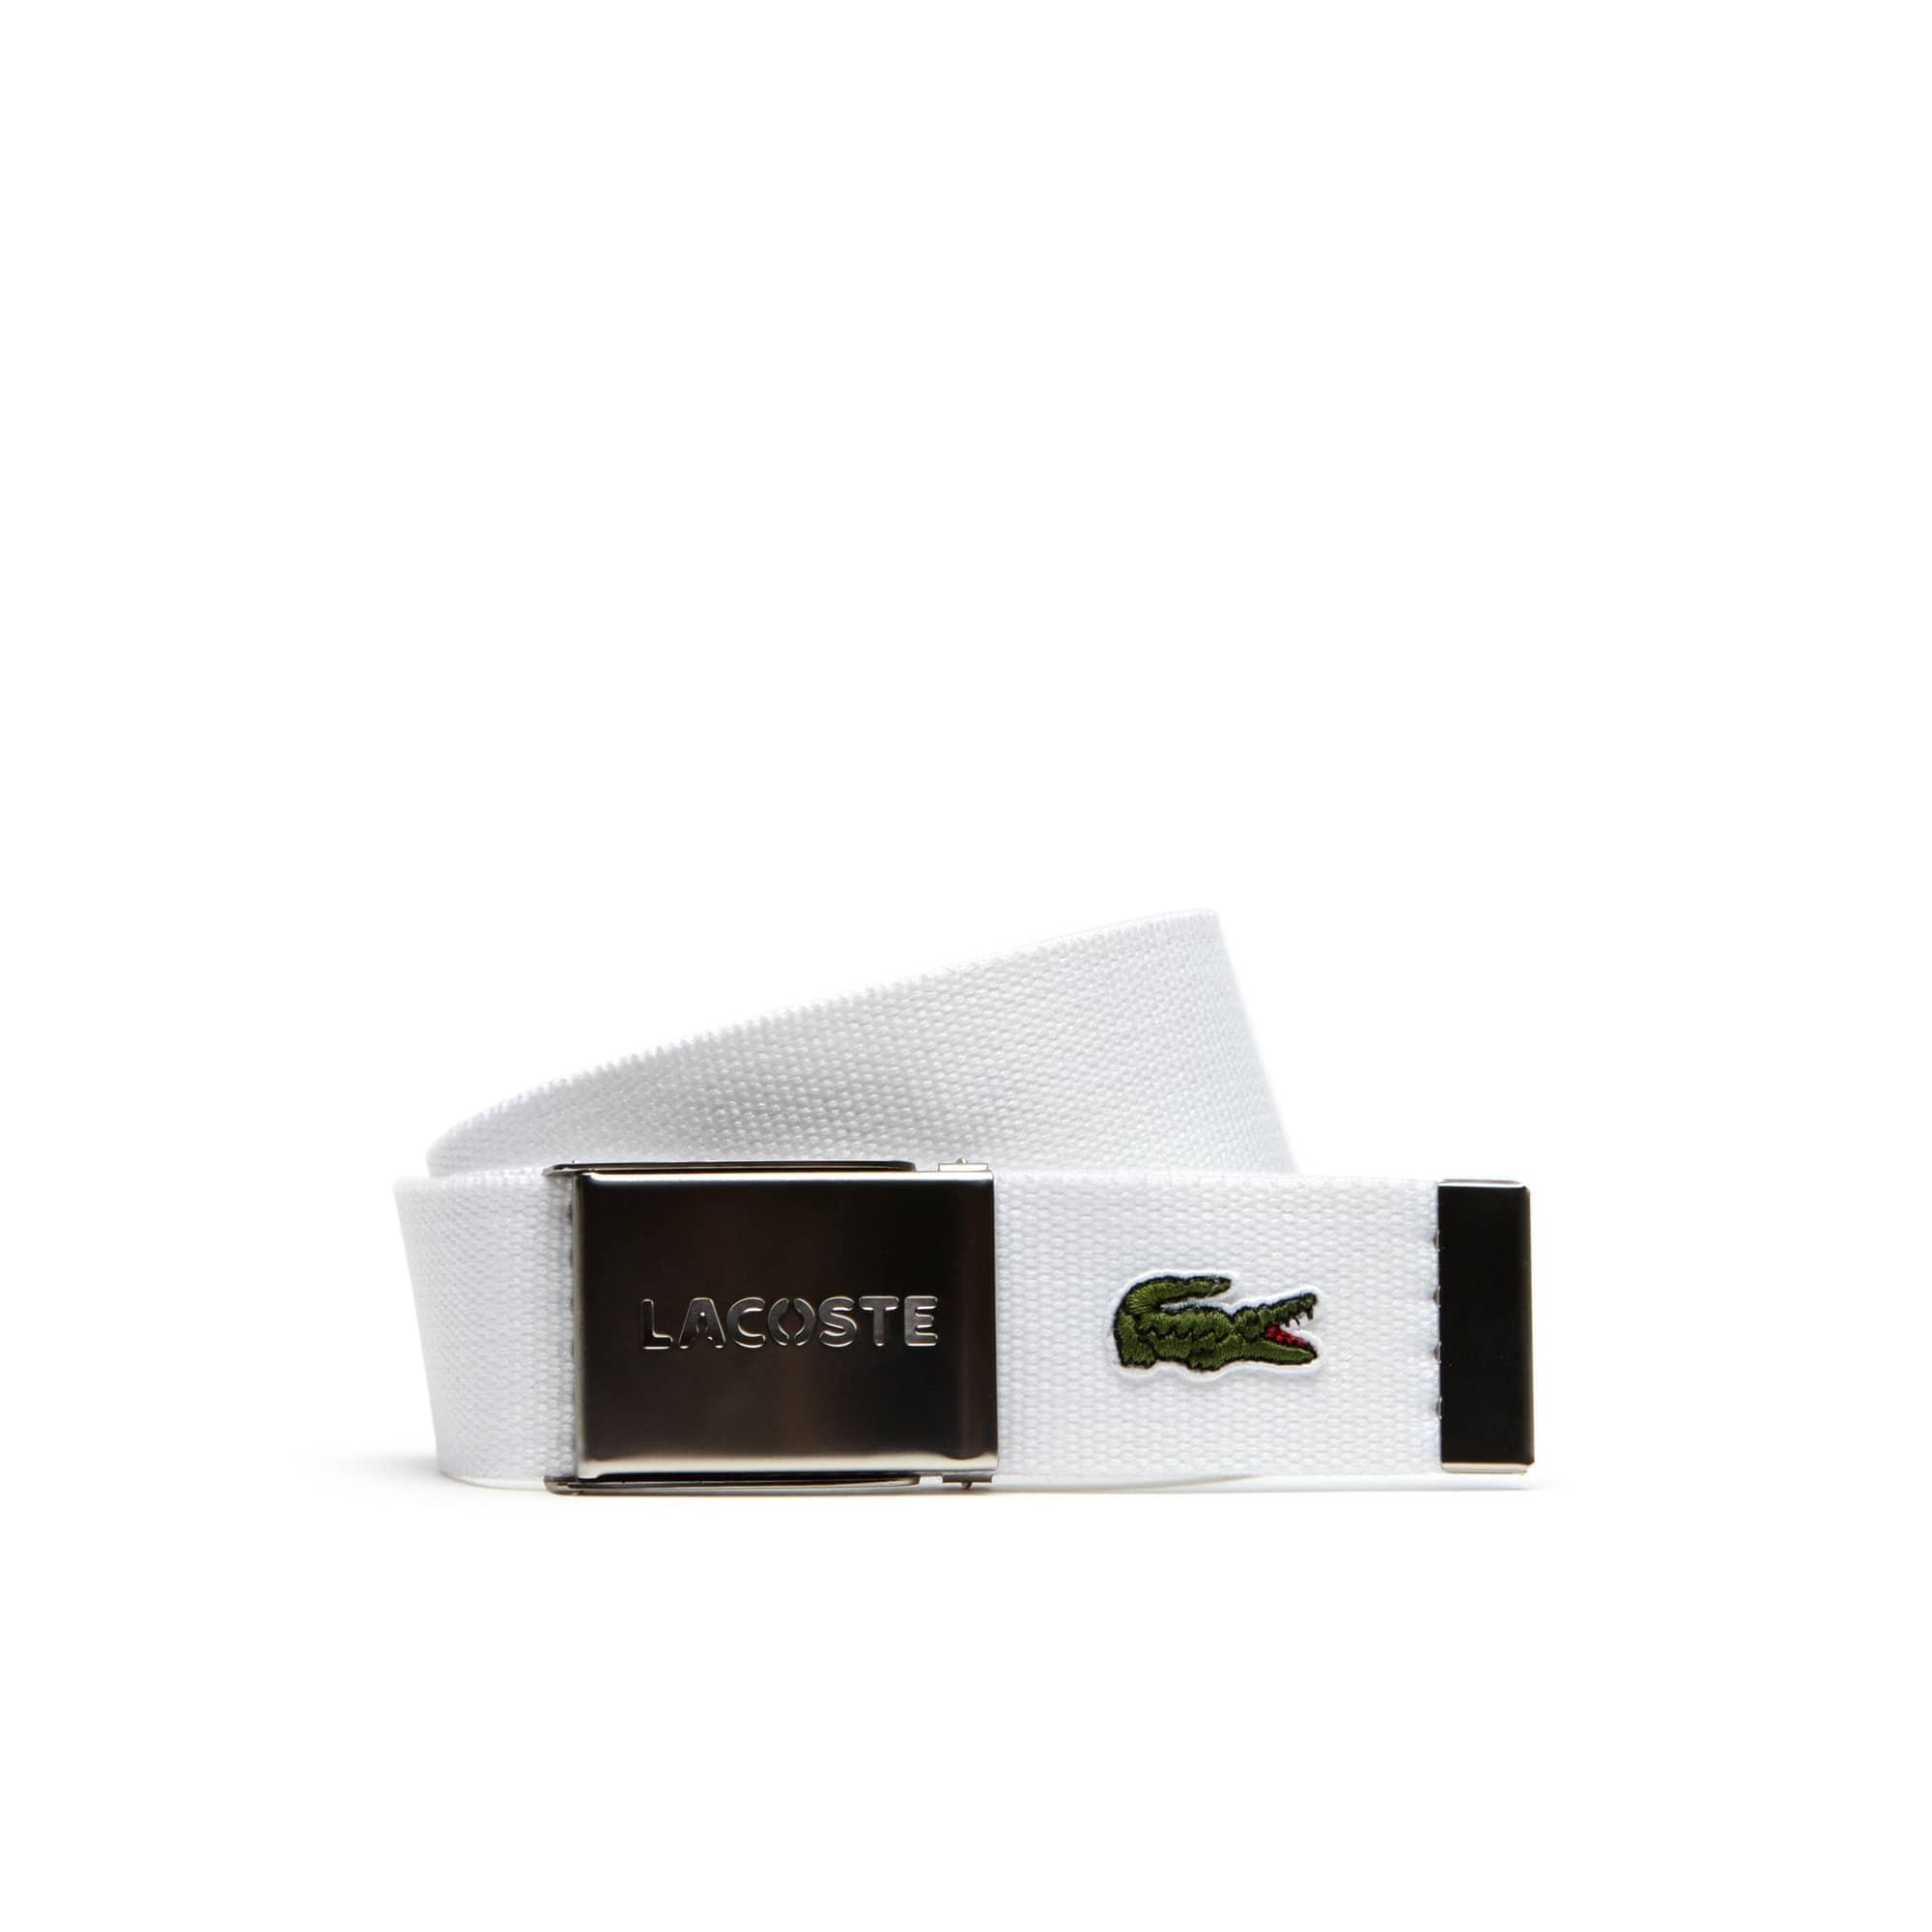 Canvas-Gürtel mit gestanzter Lacoste-Schnalle